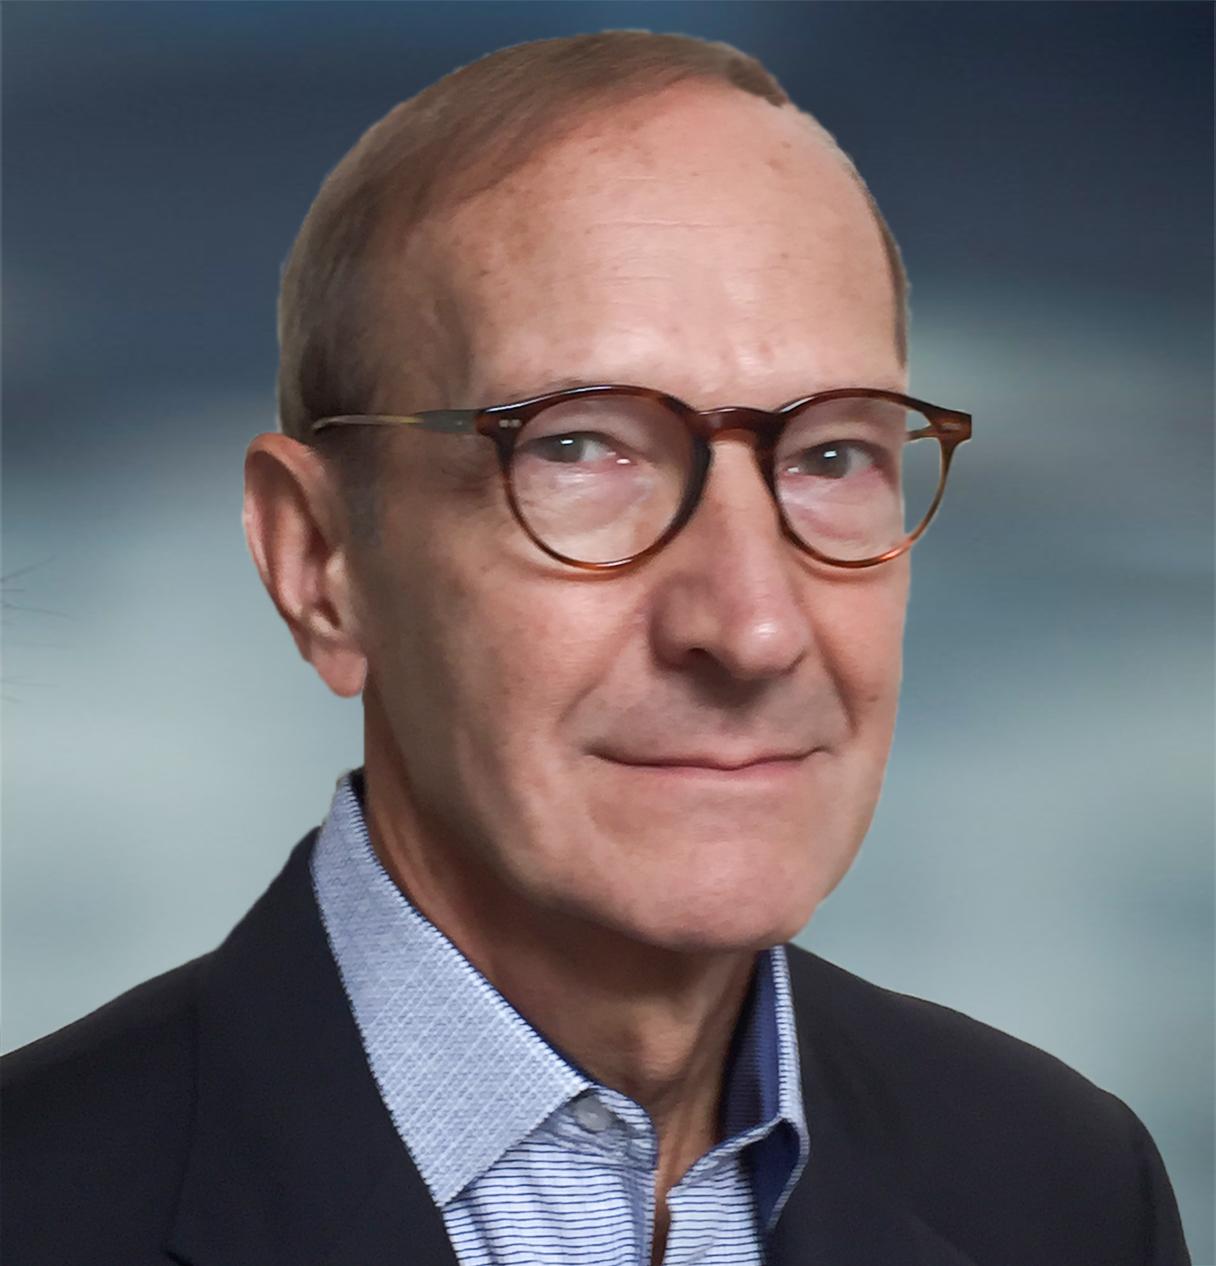 James D. Zielinski